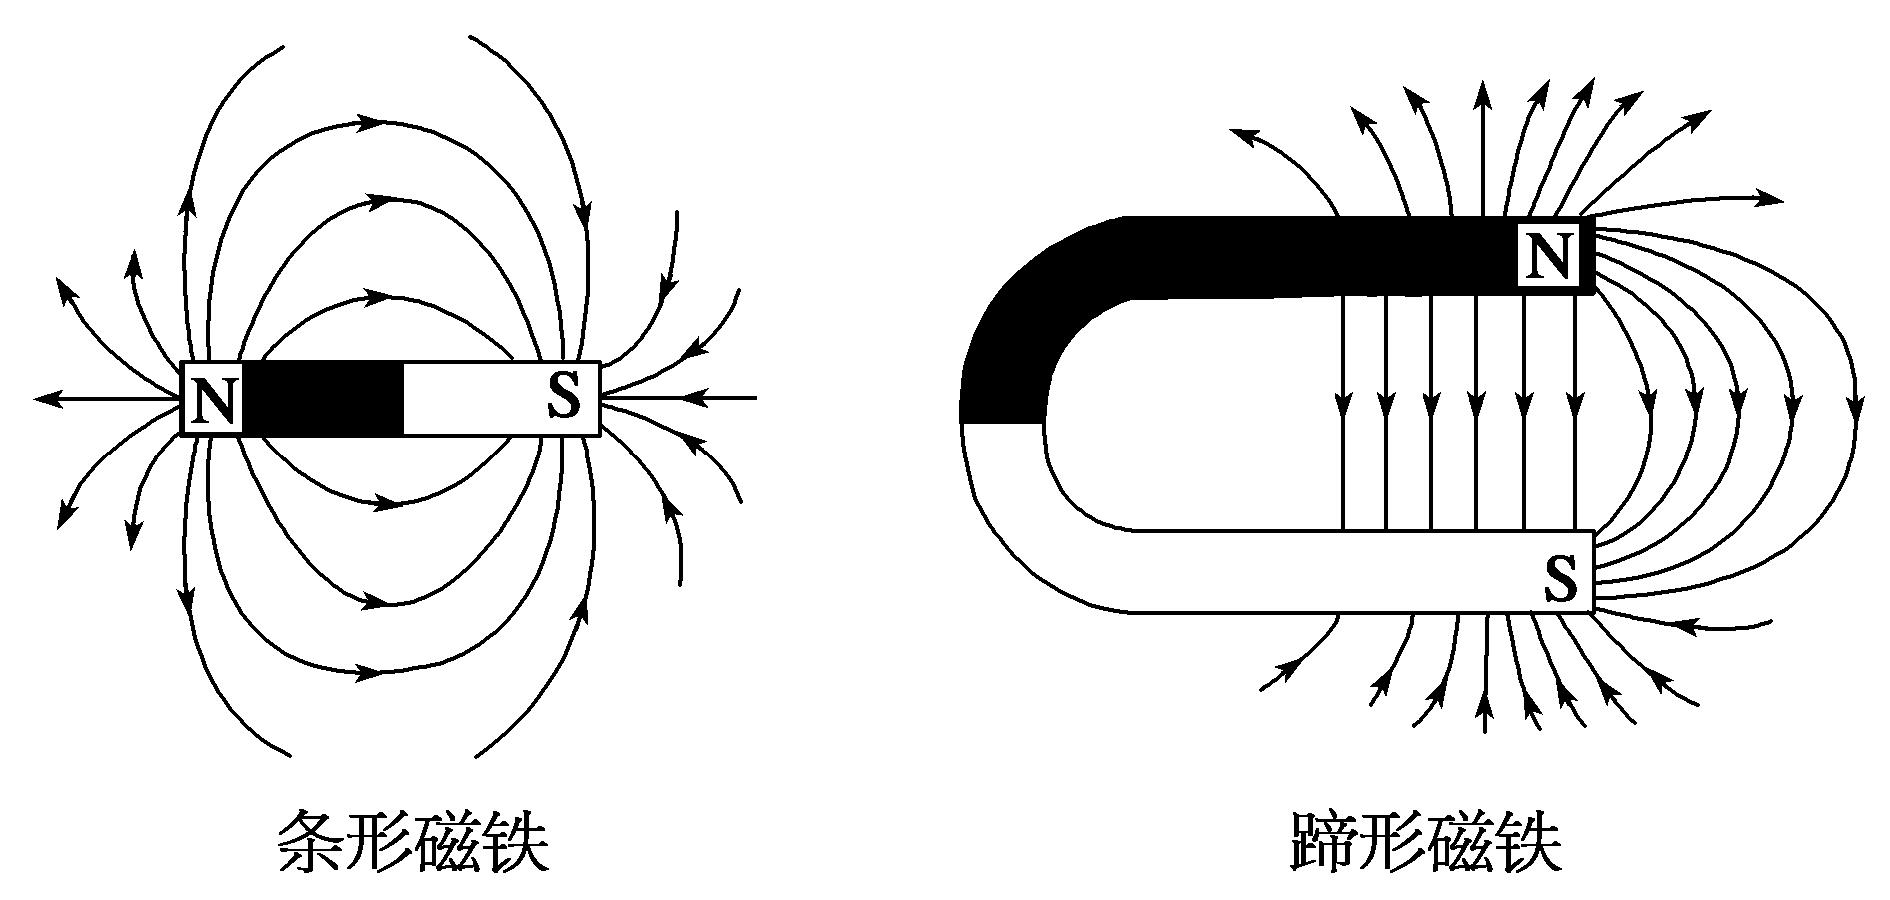 大胆漏逼艺术囹�a_下列关于磁感线说法正确的是()a.磁感线是真实存在的b